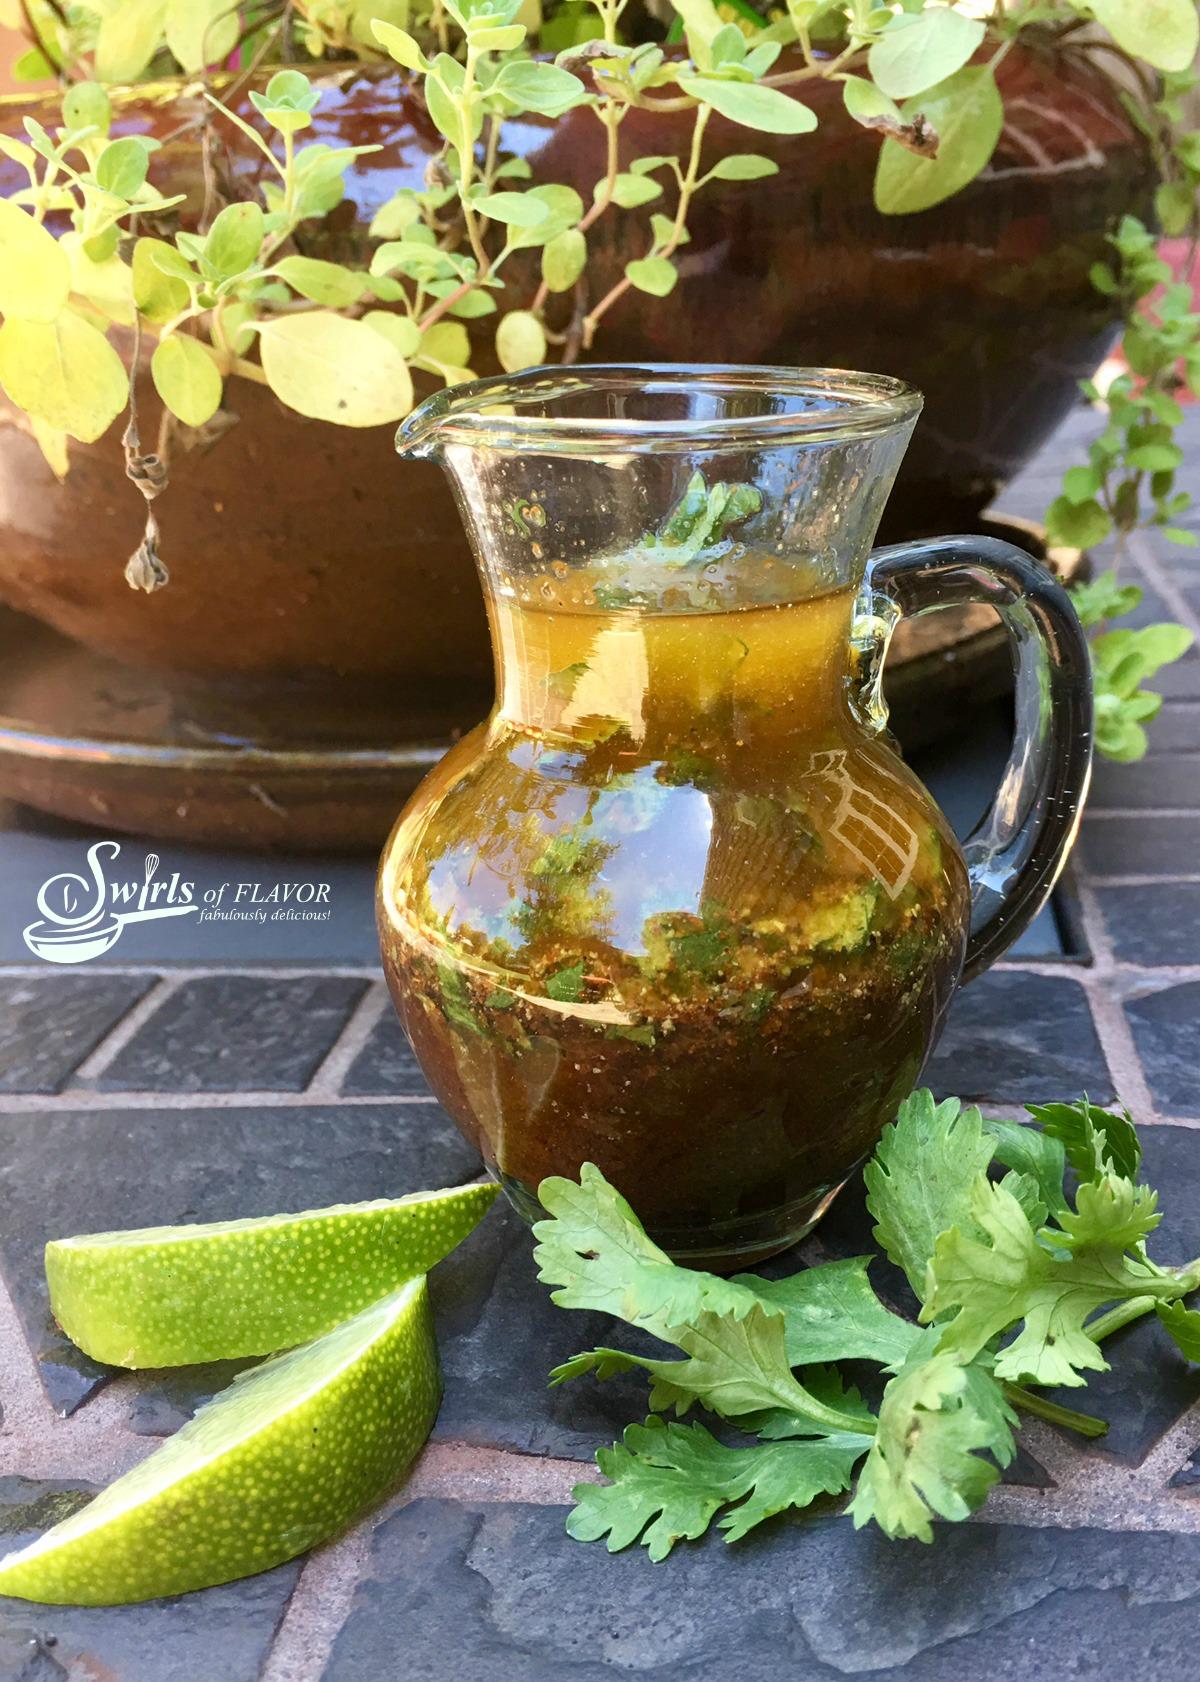 Cilantro Lime Vinaigrette in a cruet with fresh herbs